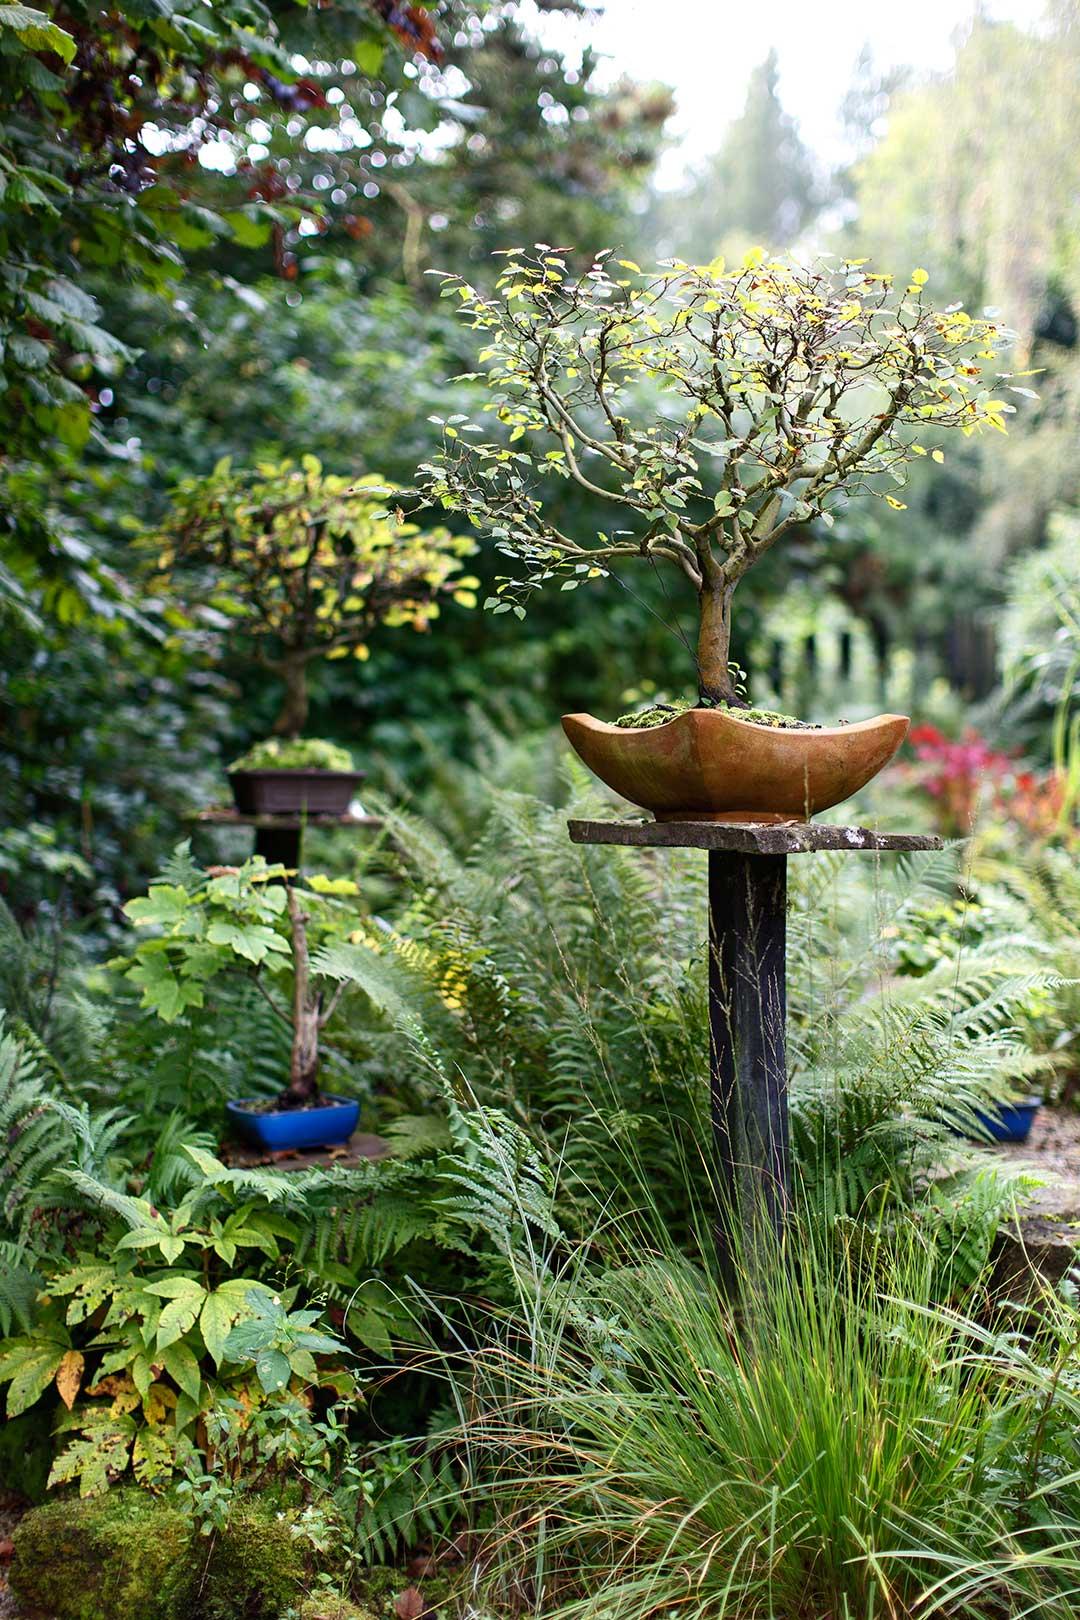 Architekturfotografie: Bonsai im Garten | Foto: Dieter Eikenberg, imprints